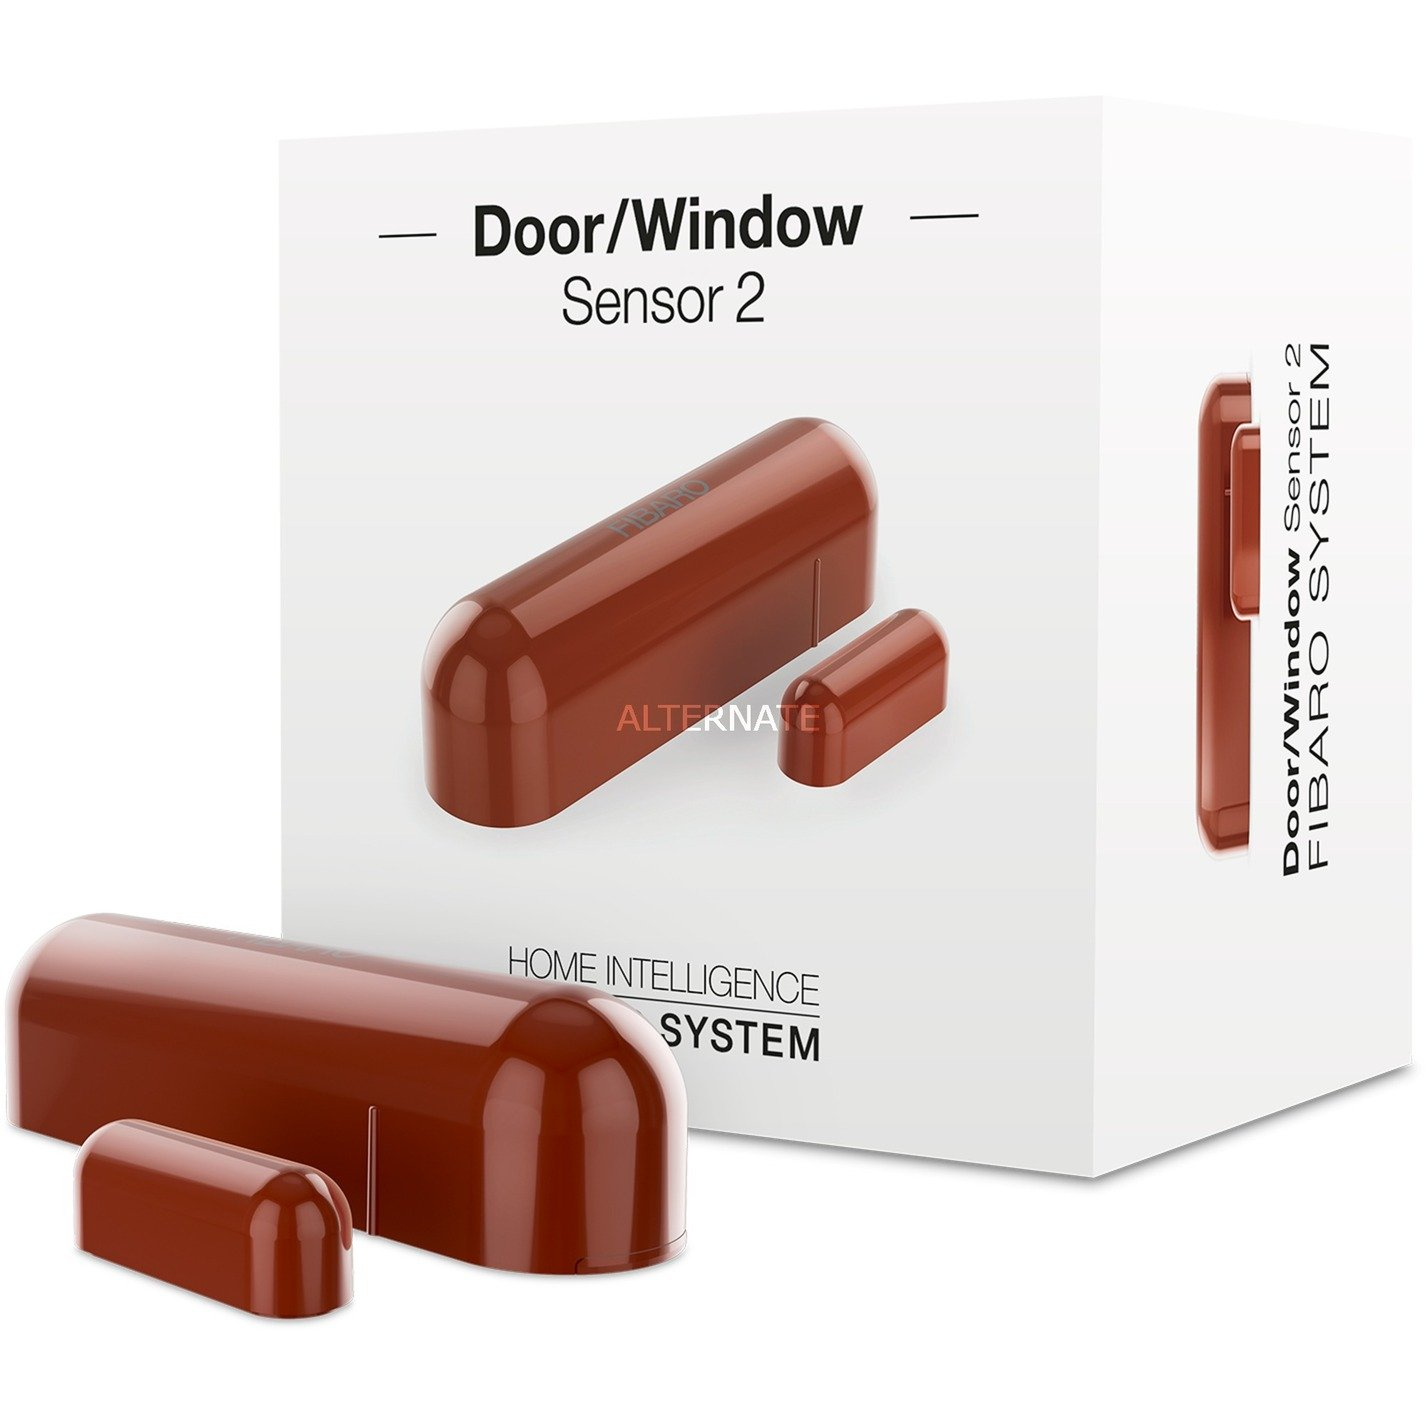 FGDW-002-7 ZW5 sensor de puerta / ventana Inalámbrico Marrón, Detector de apertura